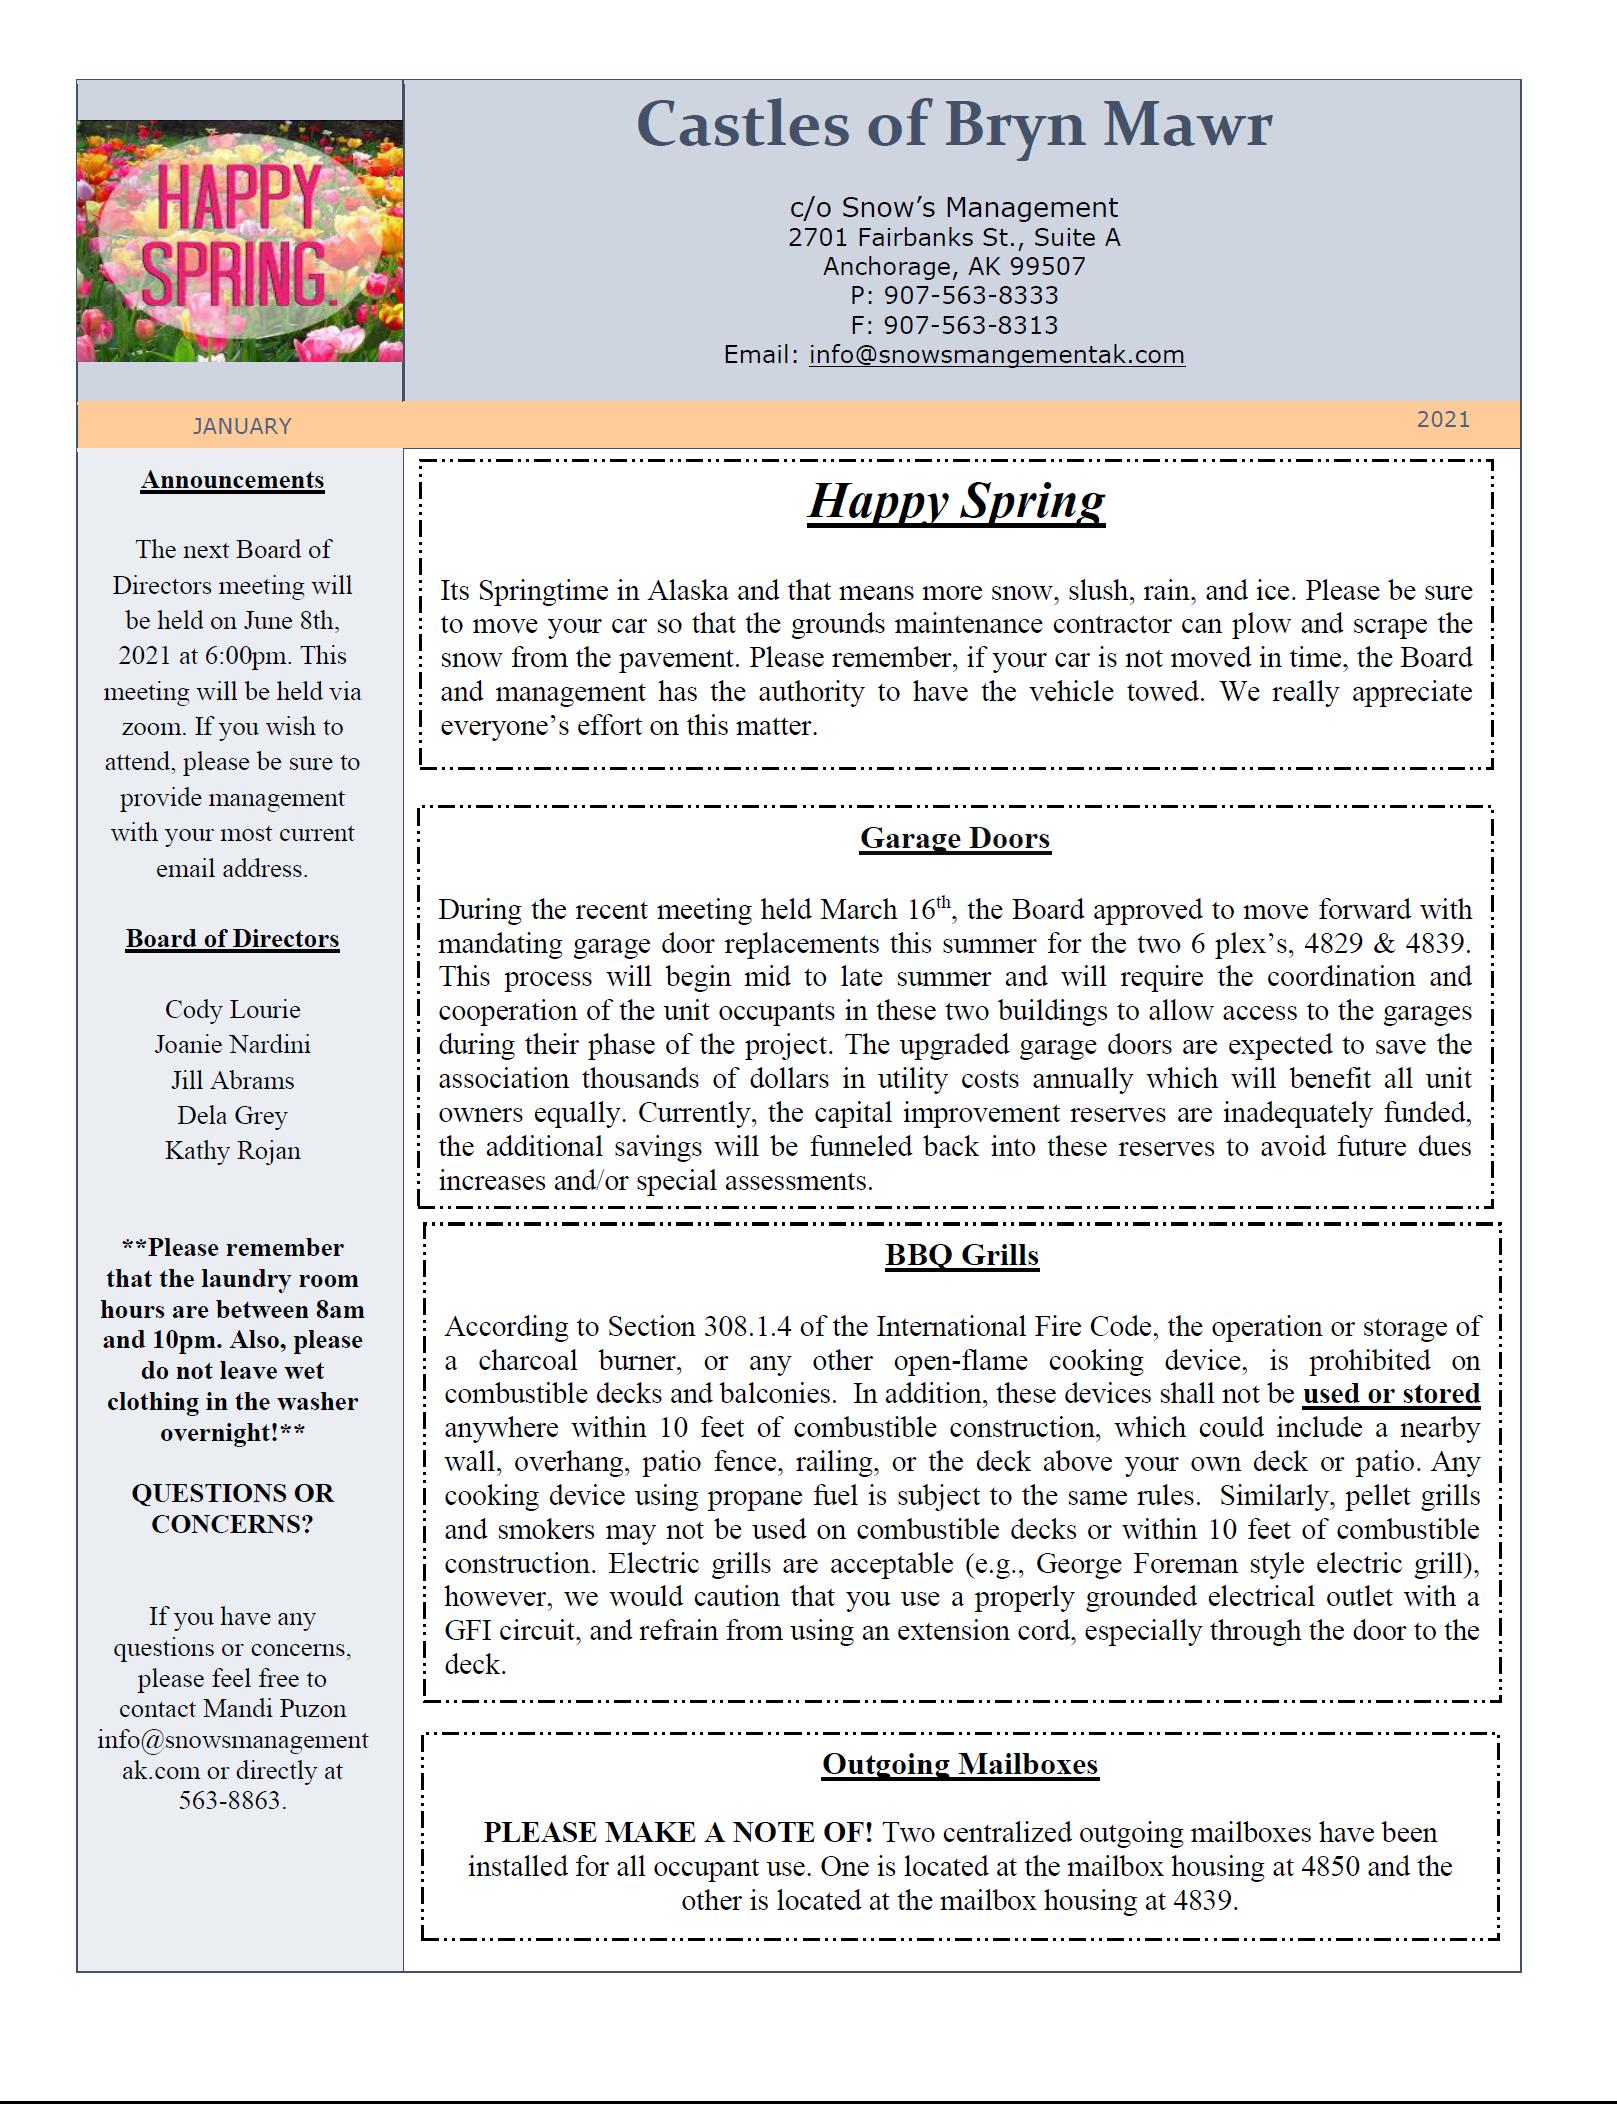 CBM Spring Newsletter